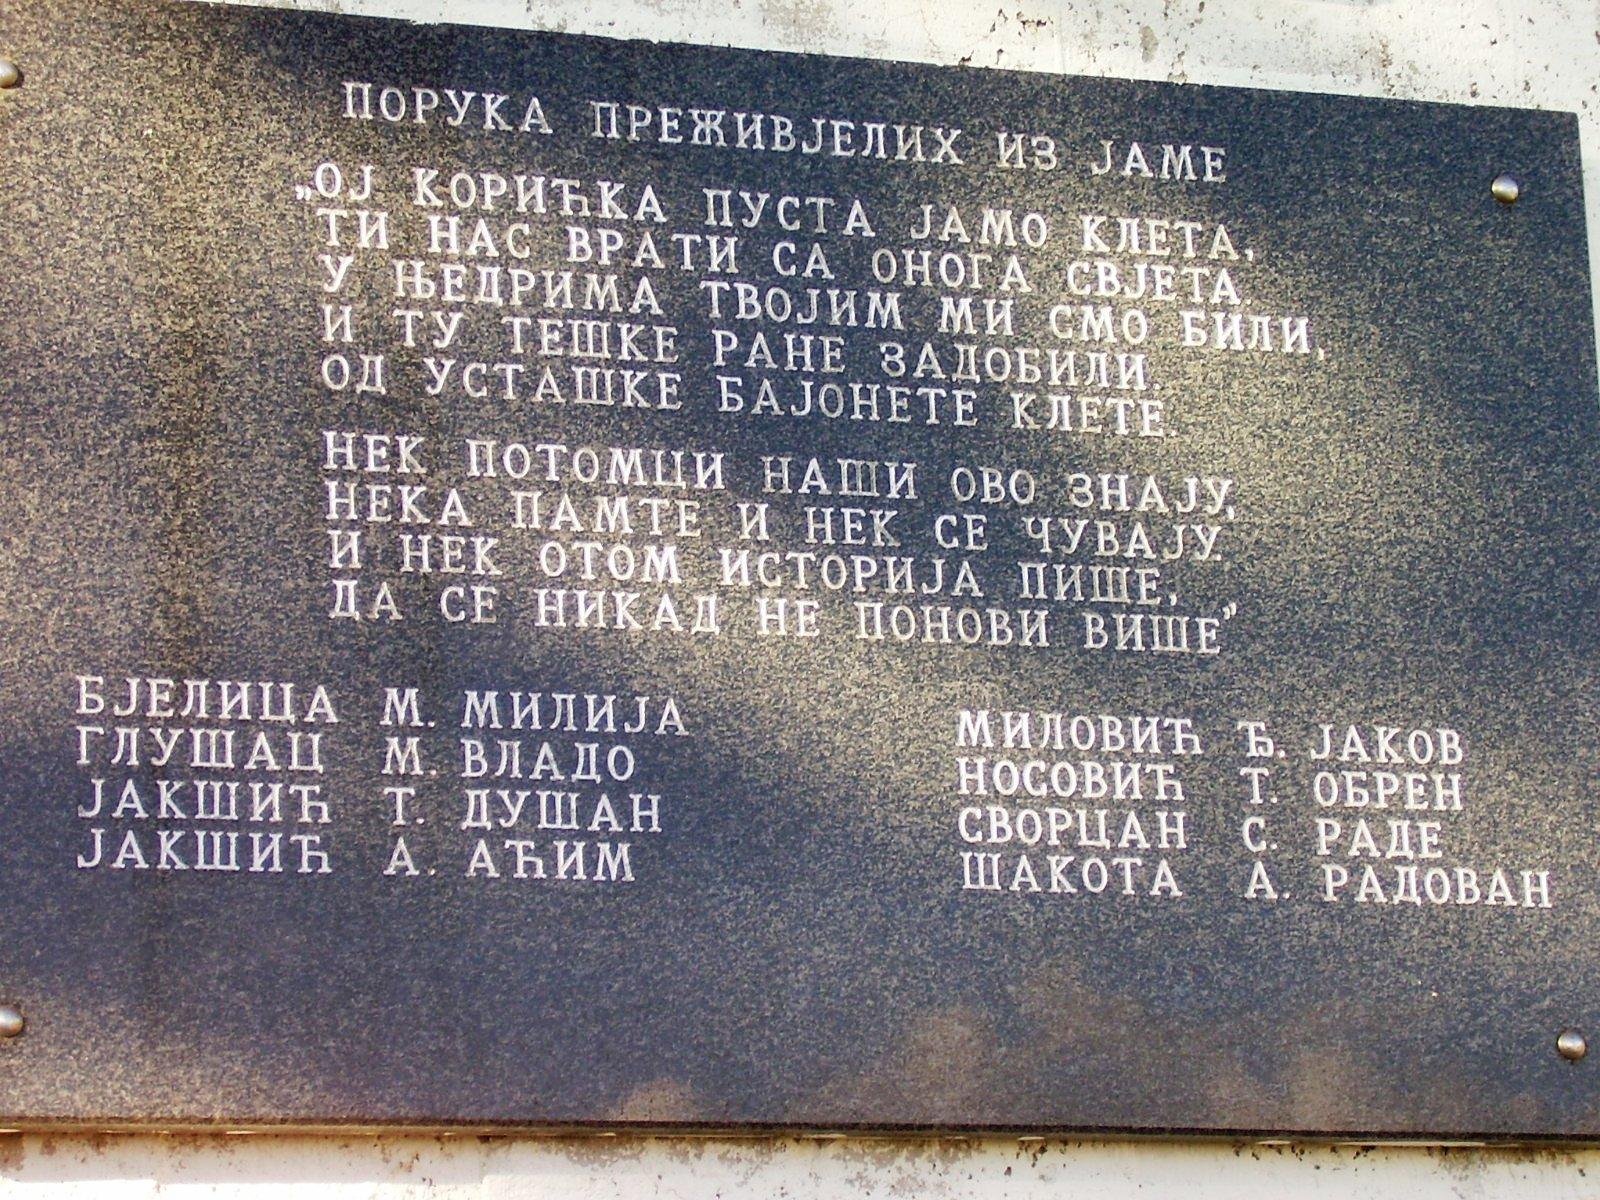 Poruka preživjelih iz jame na spomeniku iznad Koritske jame